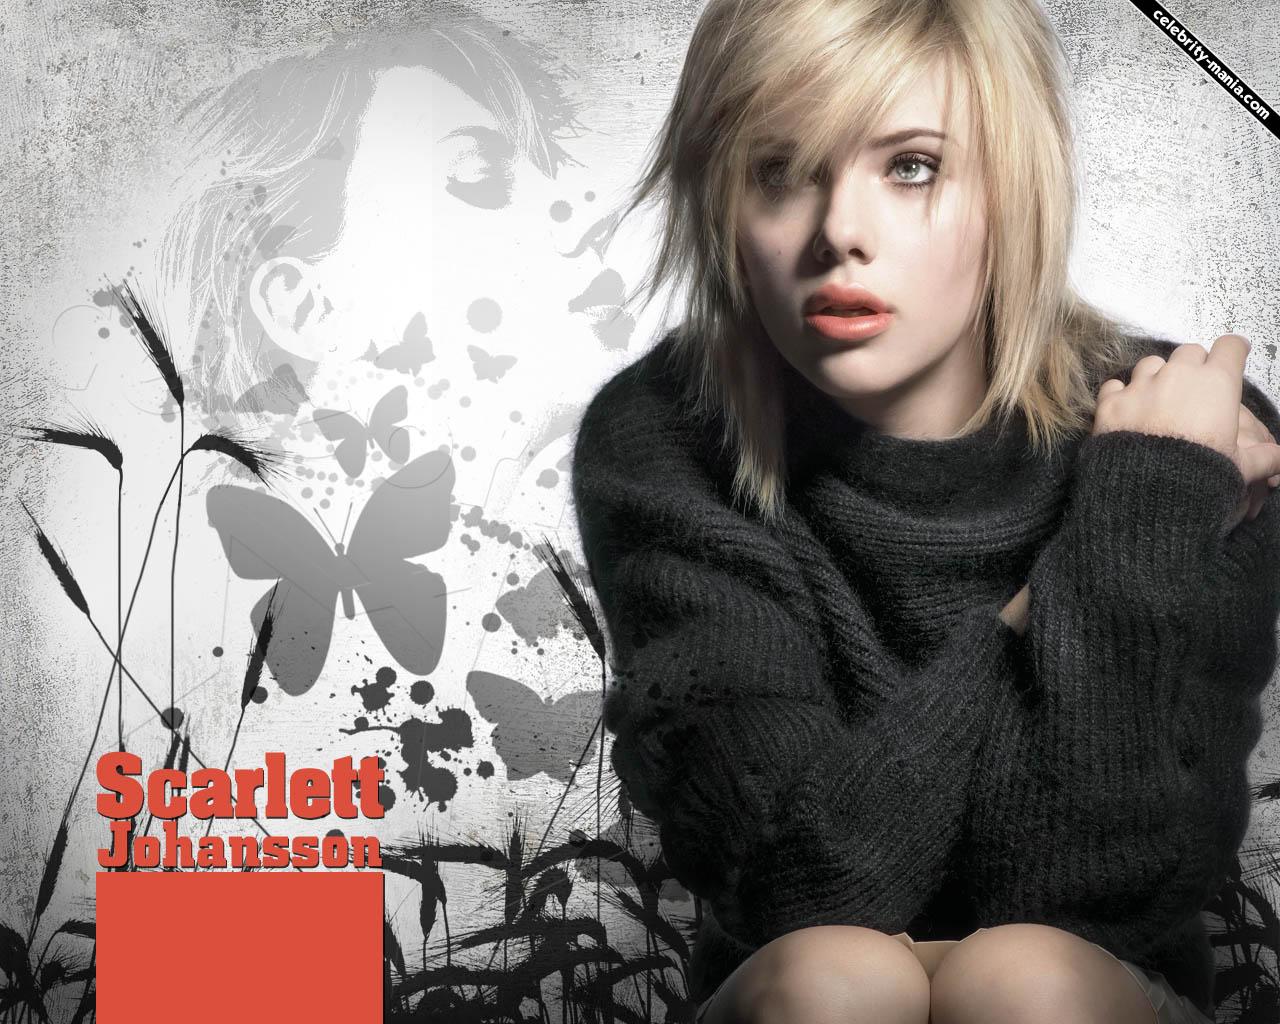 http://2.bp.blogspot.com/-nSa1ZwWv6vE/T6BjJFbfd0I/AAAAAAAACfI/jhiB_i_6ejY/s1600/Scarlett+Johansson+wallpapers+6.jpg